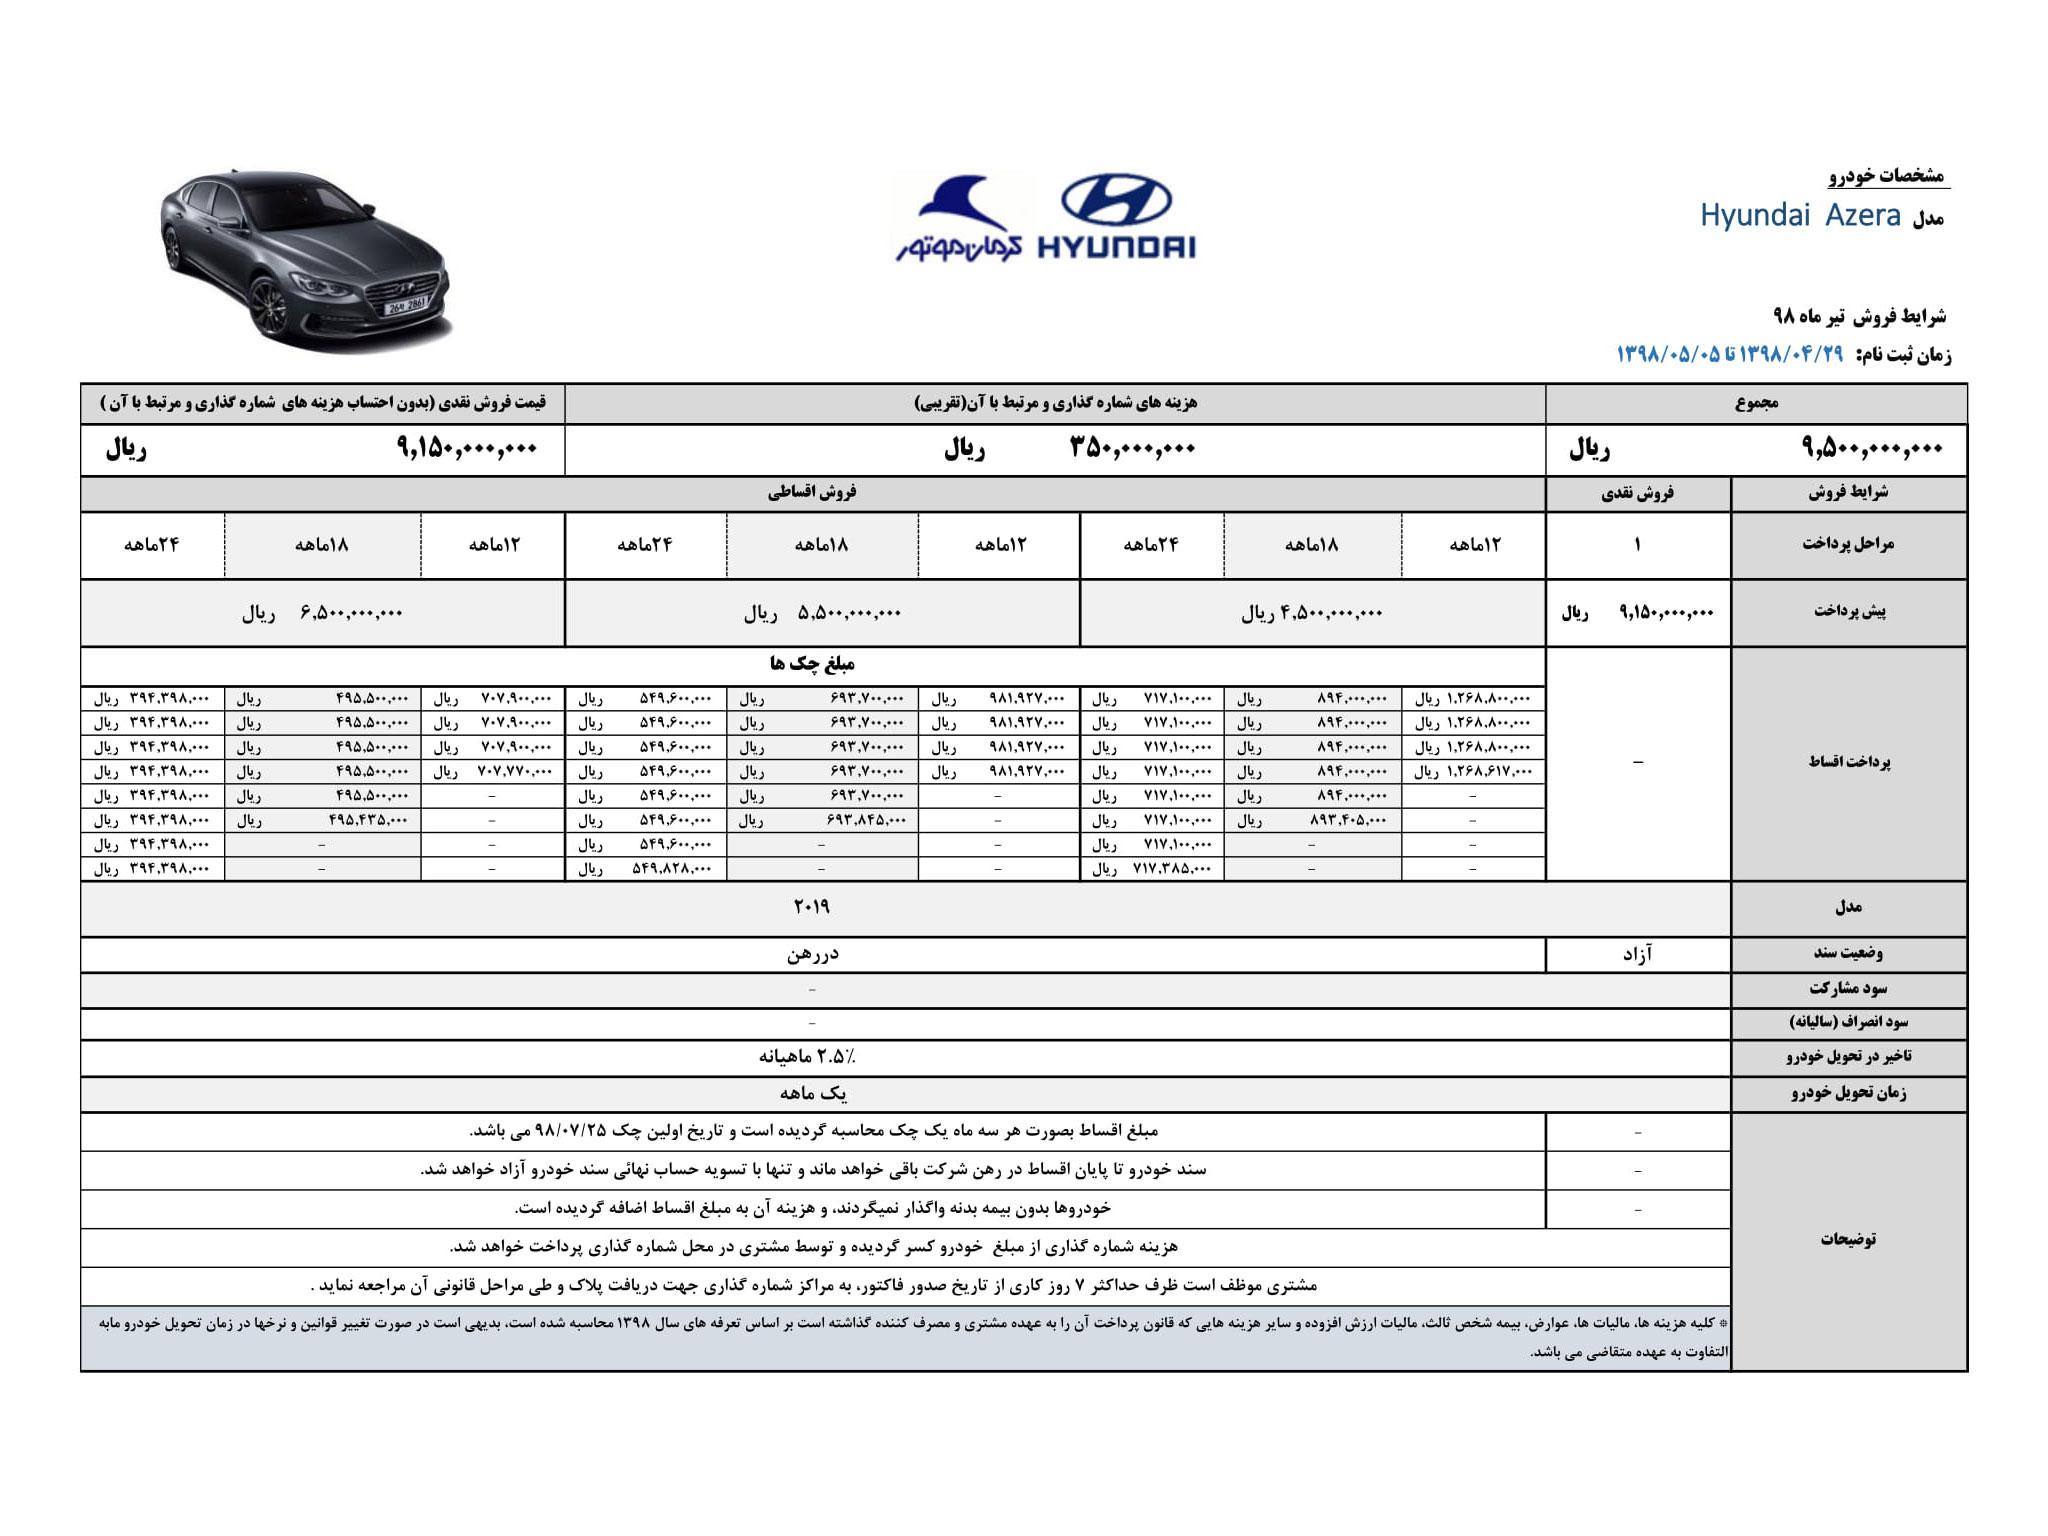 شرایط فروش قسطی آزرا ۲۰۱۹ برای شنبه ۲۹ تیر ۹۸